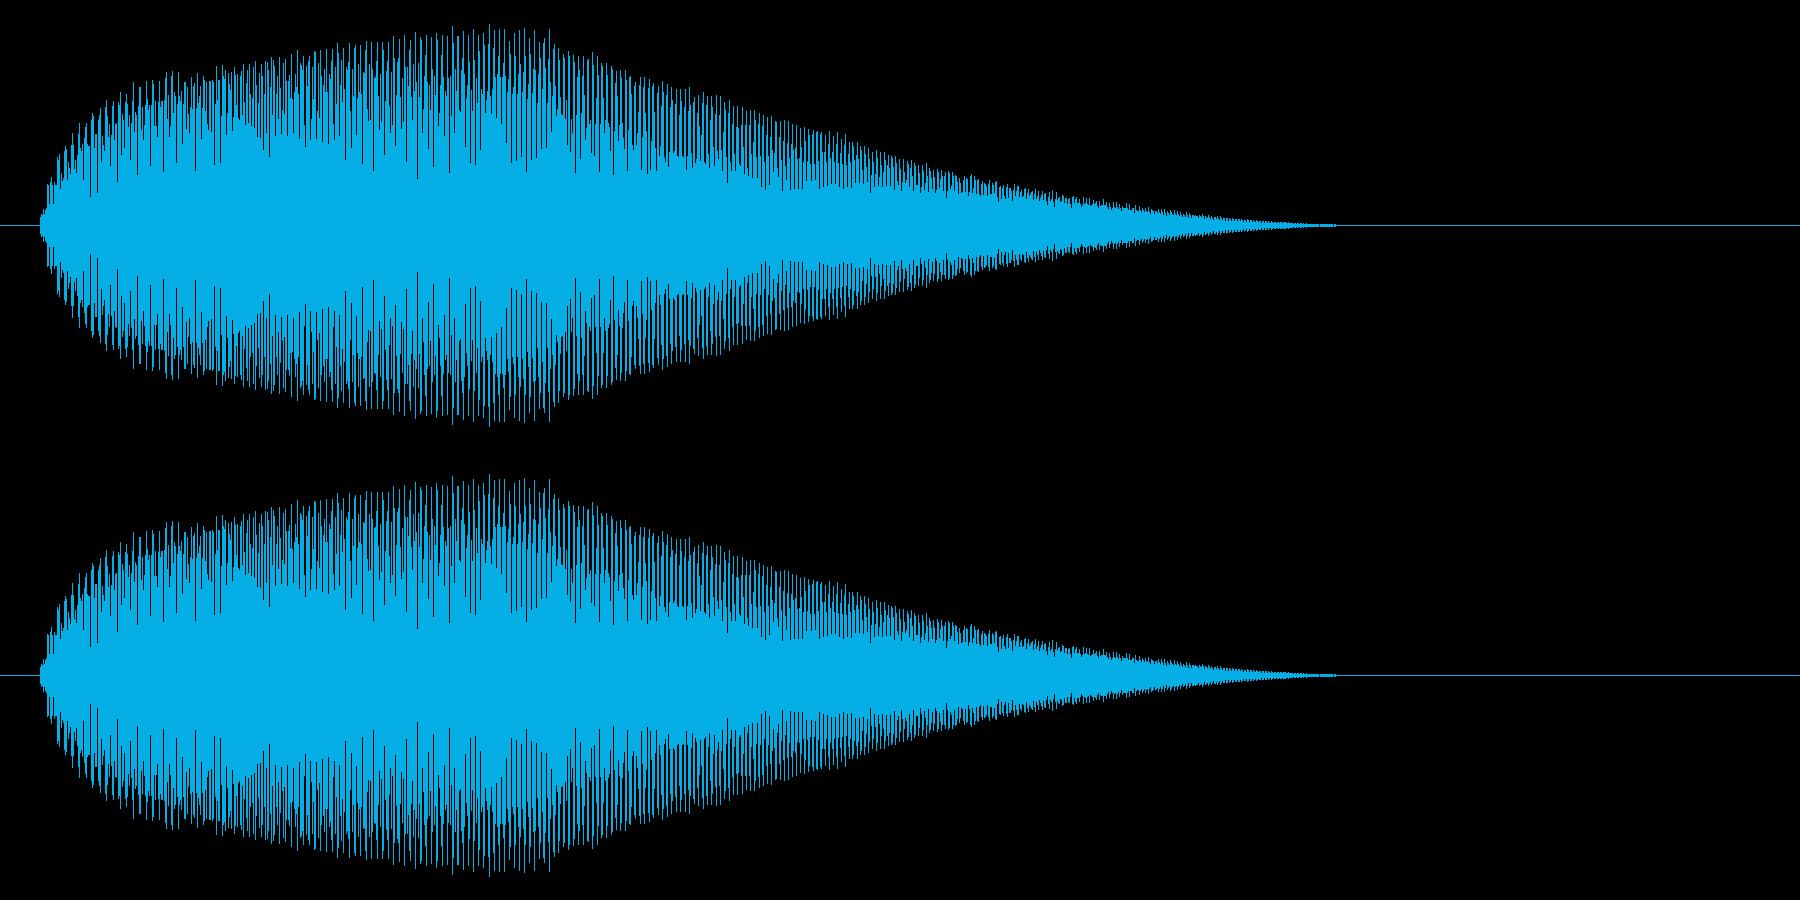 【ピヨーン】ファミコン系ジャンプ音_04の再生済みの波形